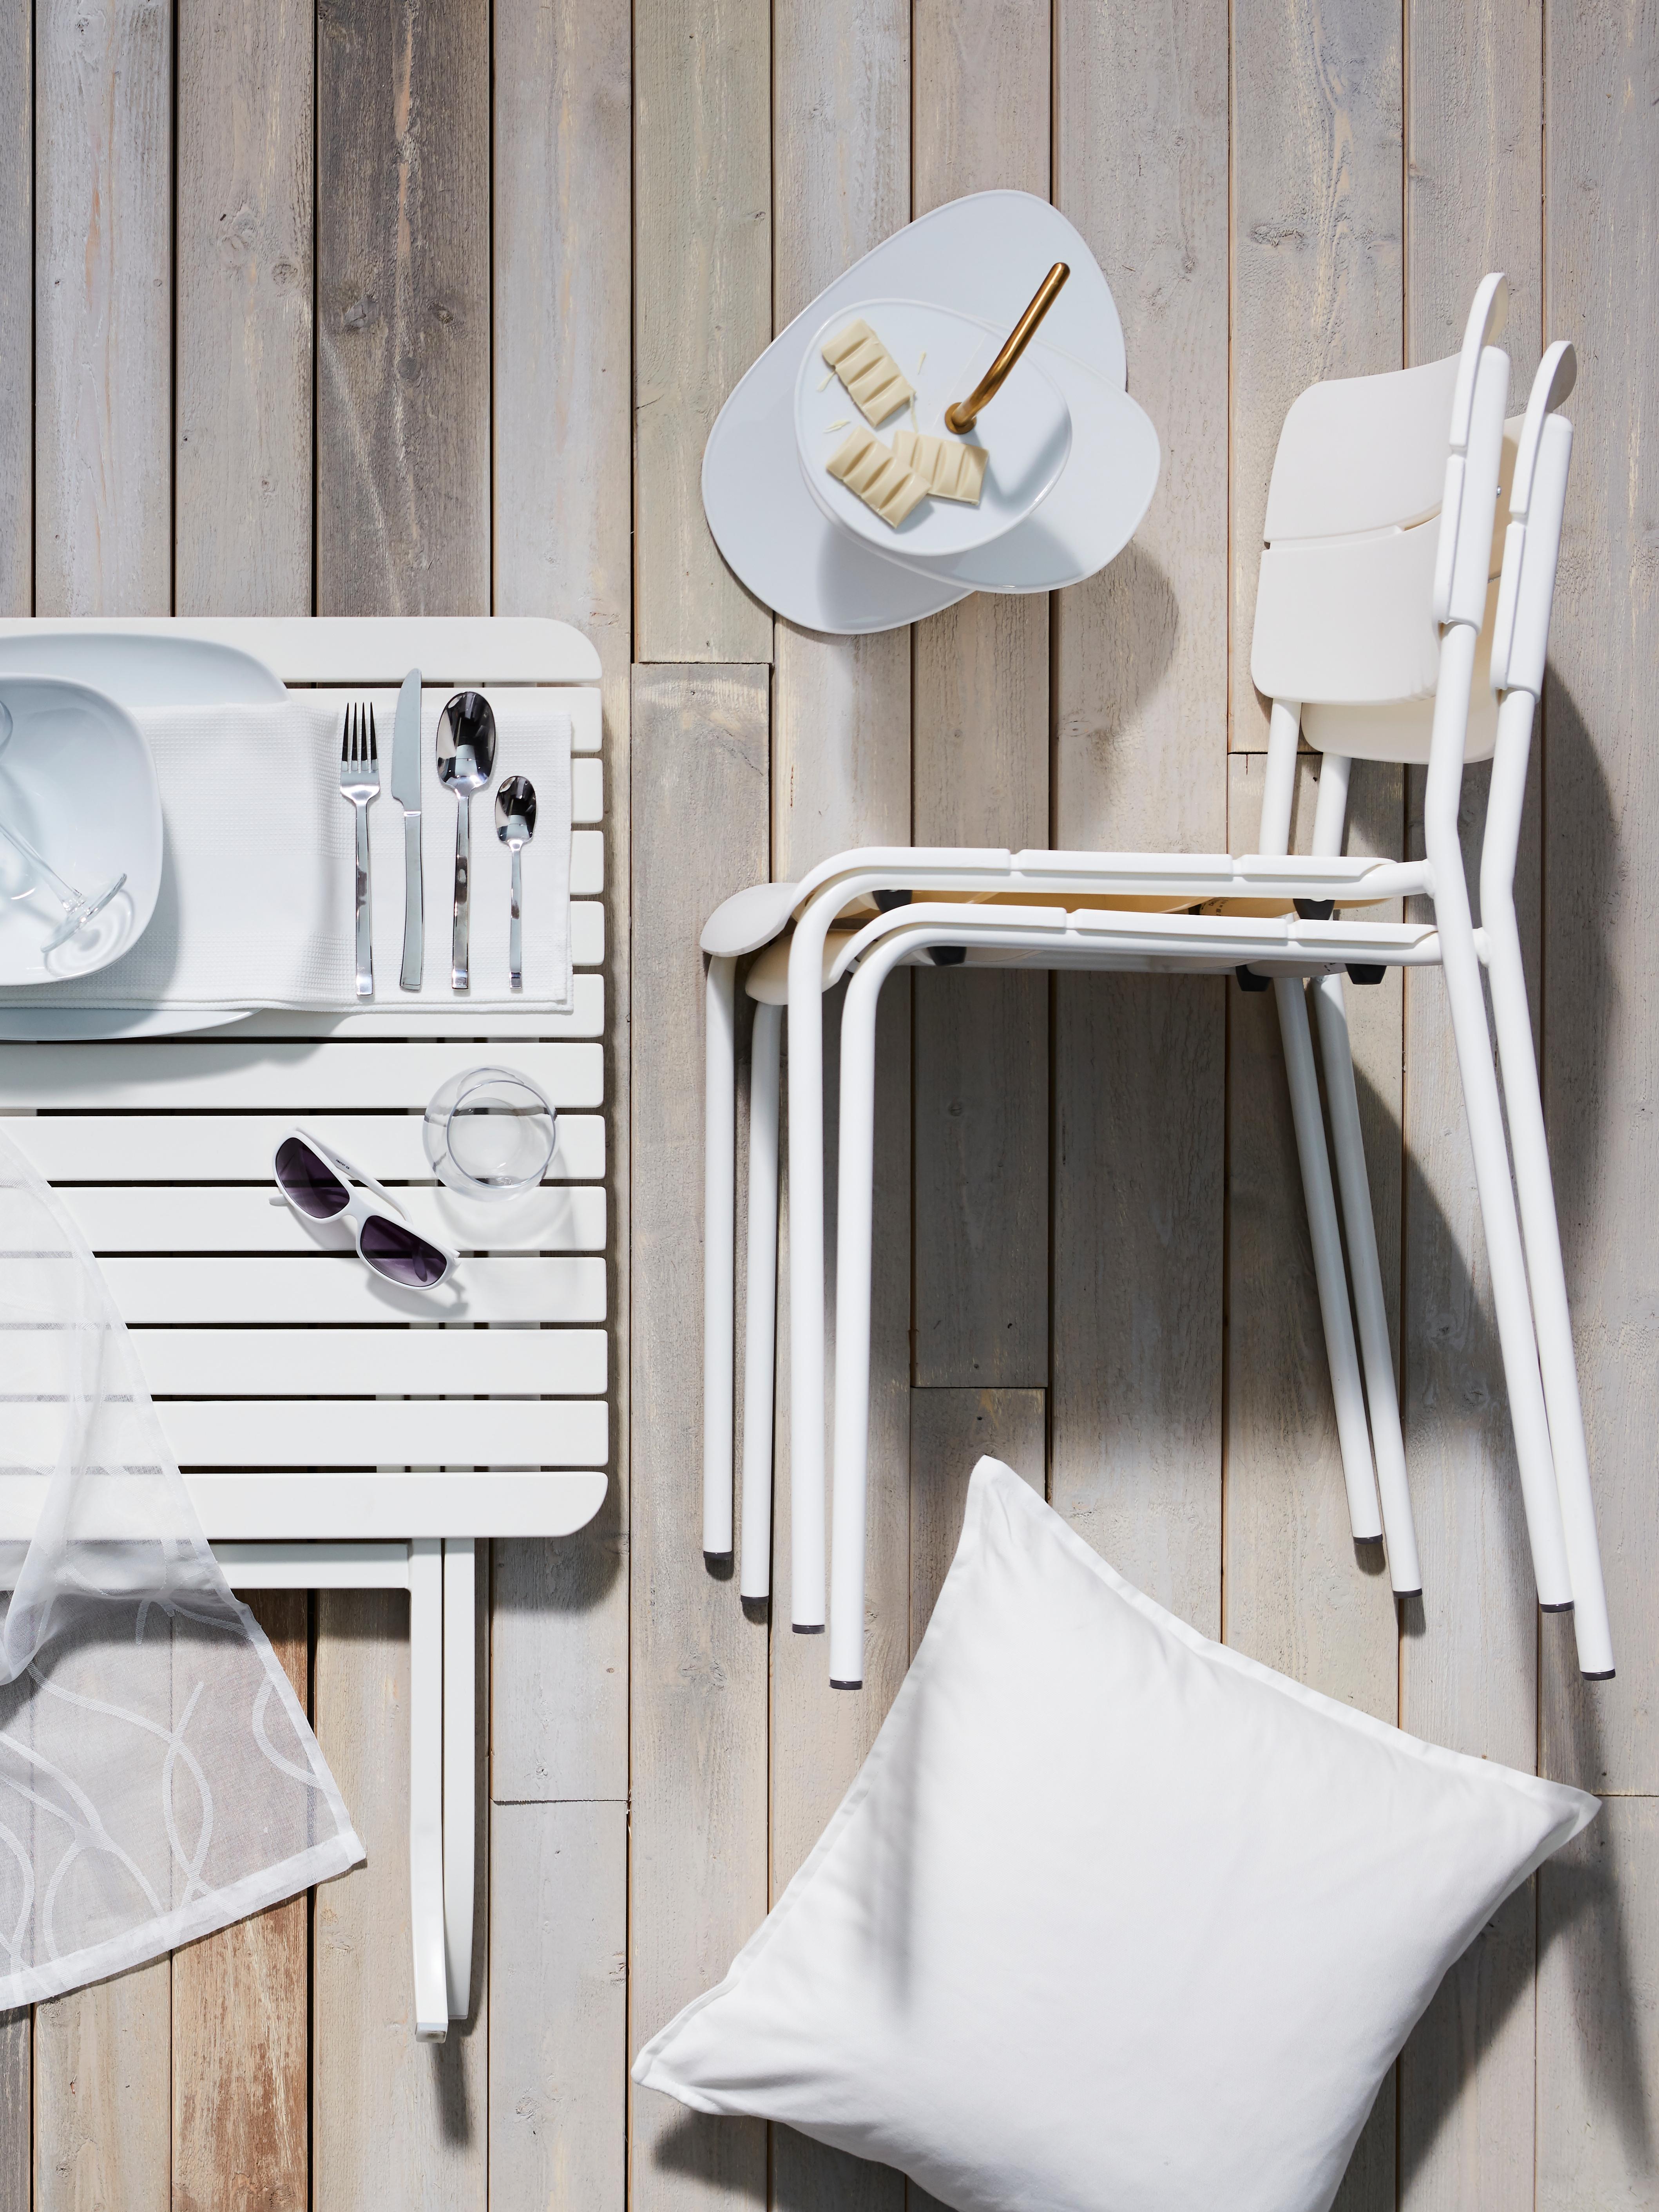 Bijeli MÄLARÖ sklopivi vanjski stol na drvenom podu pokraj bijelih stolica i bijele ukrasne jastučnice.